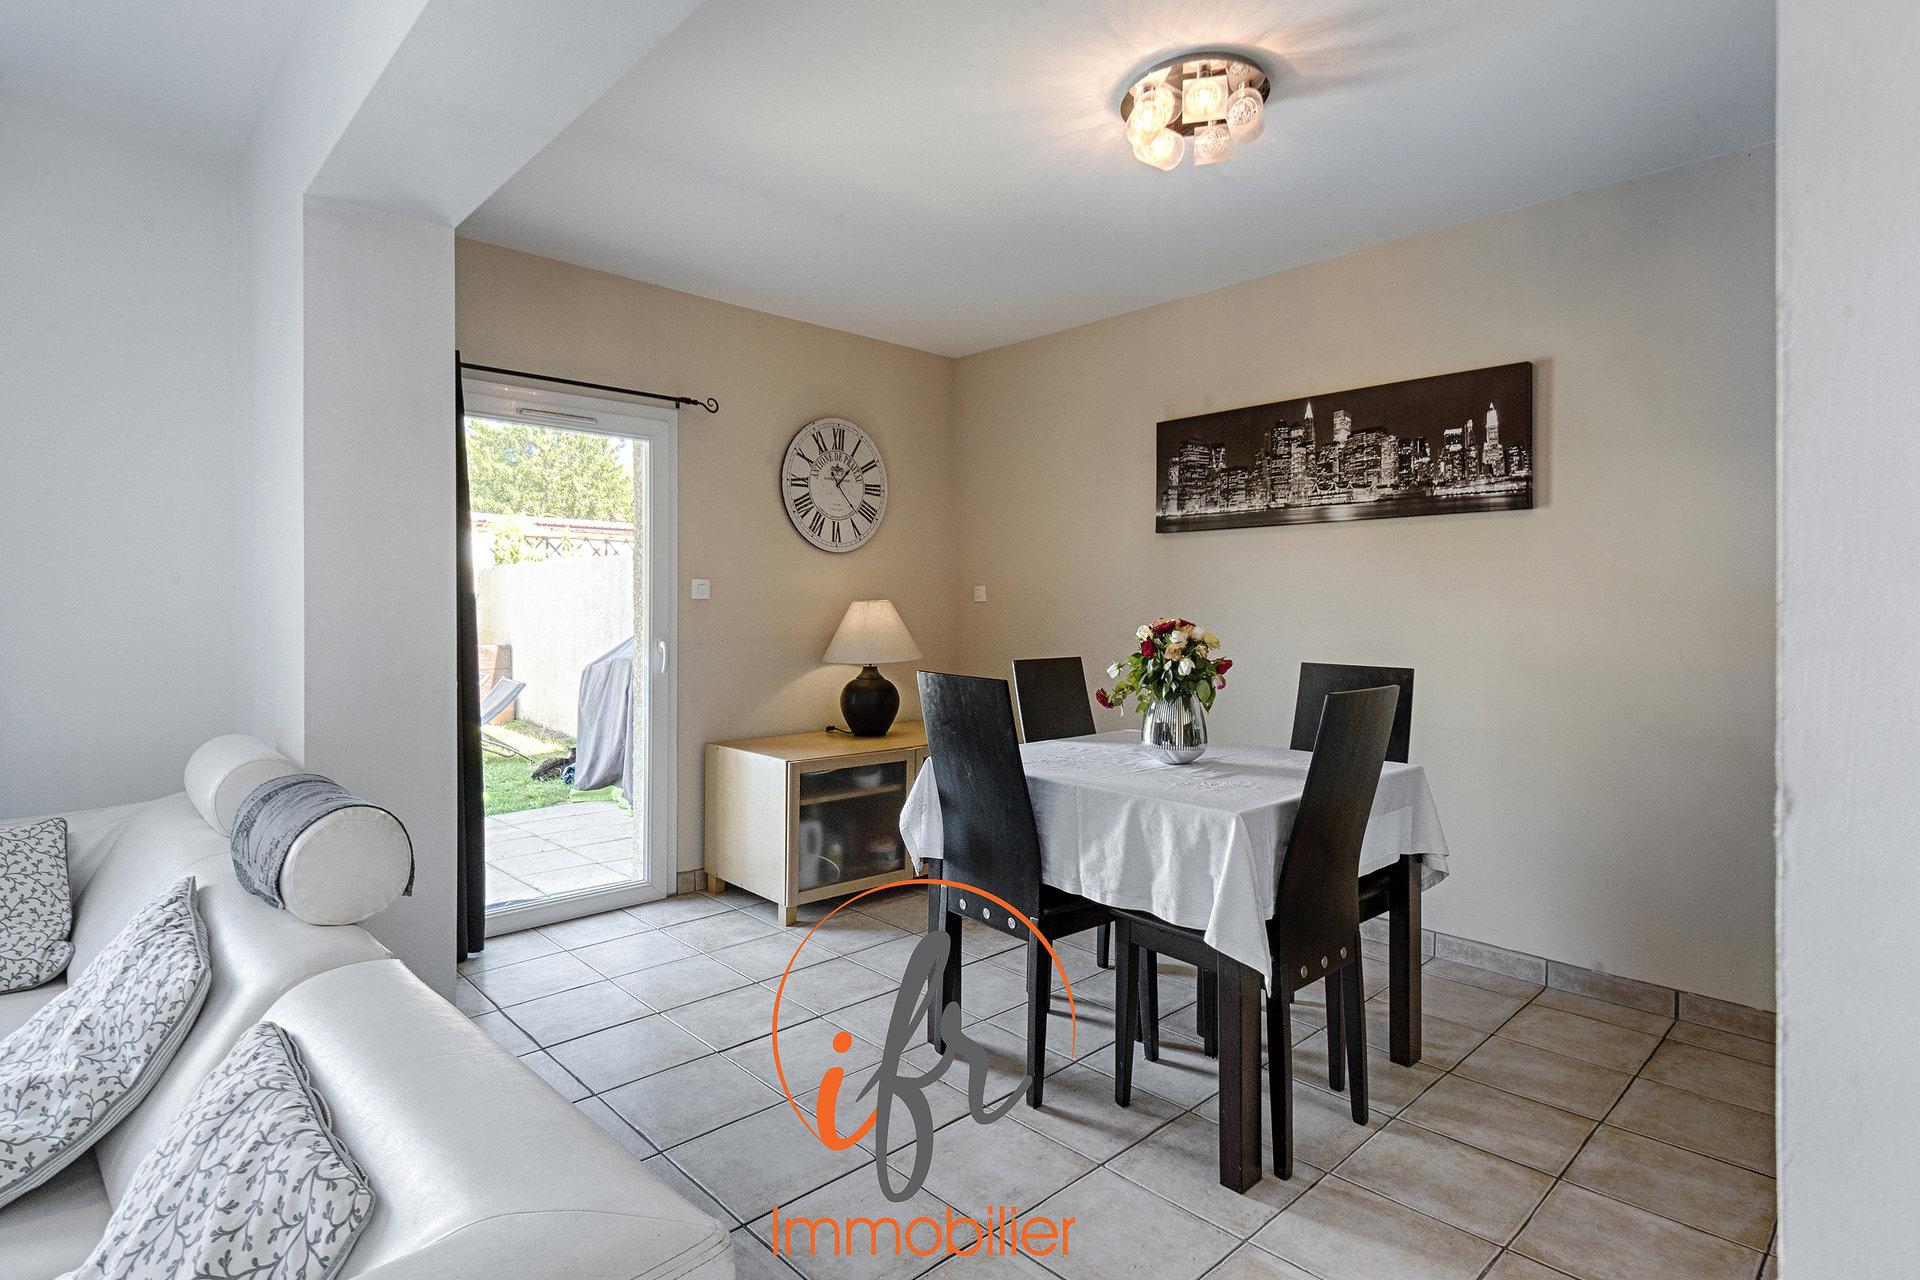 Maison 3 chambres avec jardin Montbernier